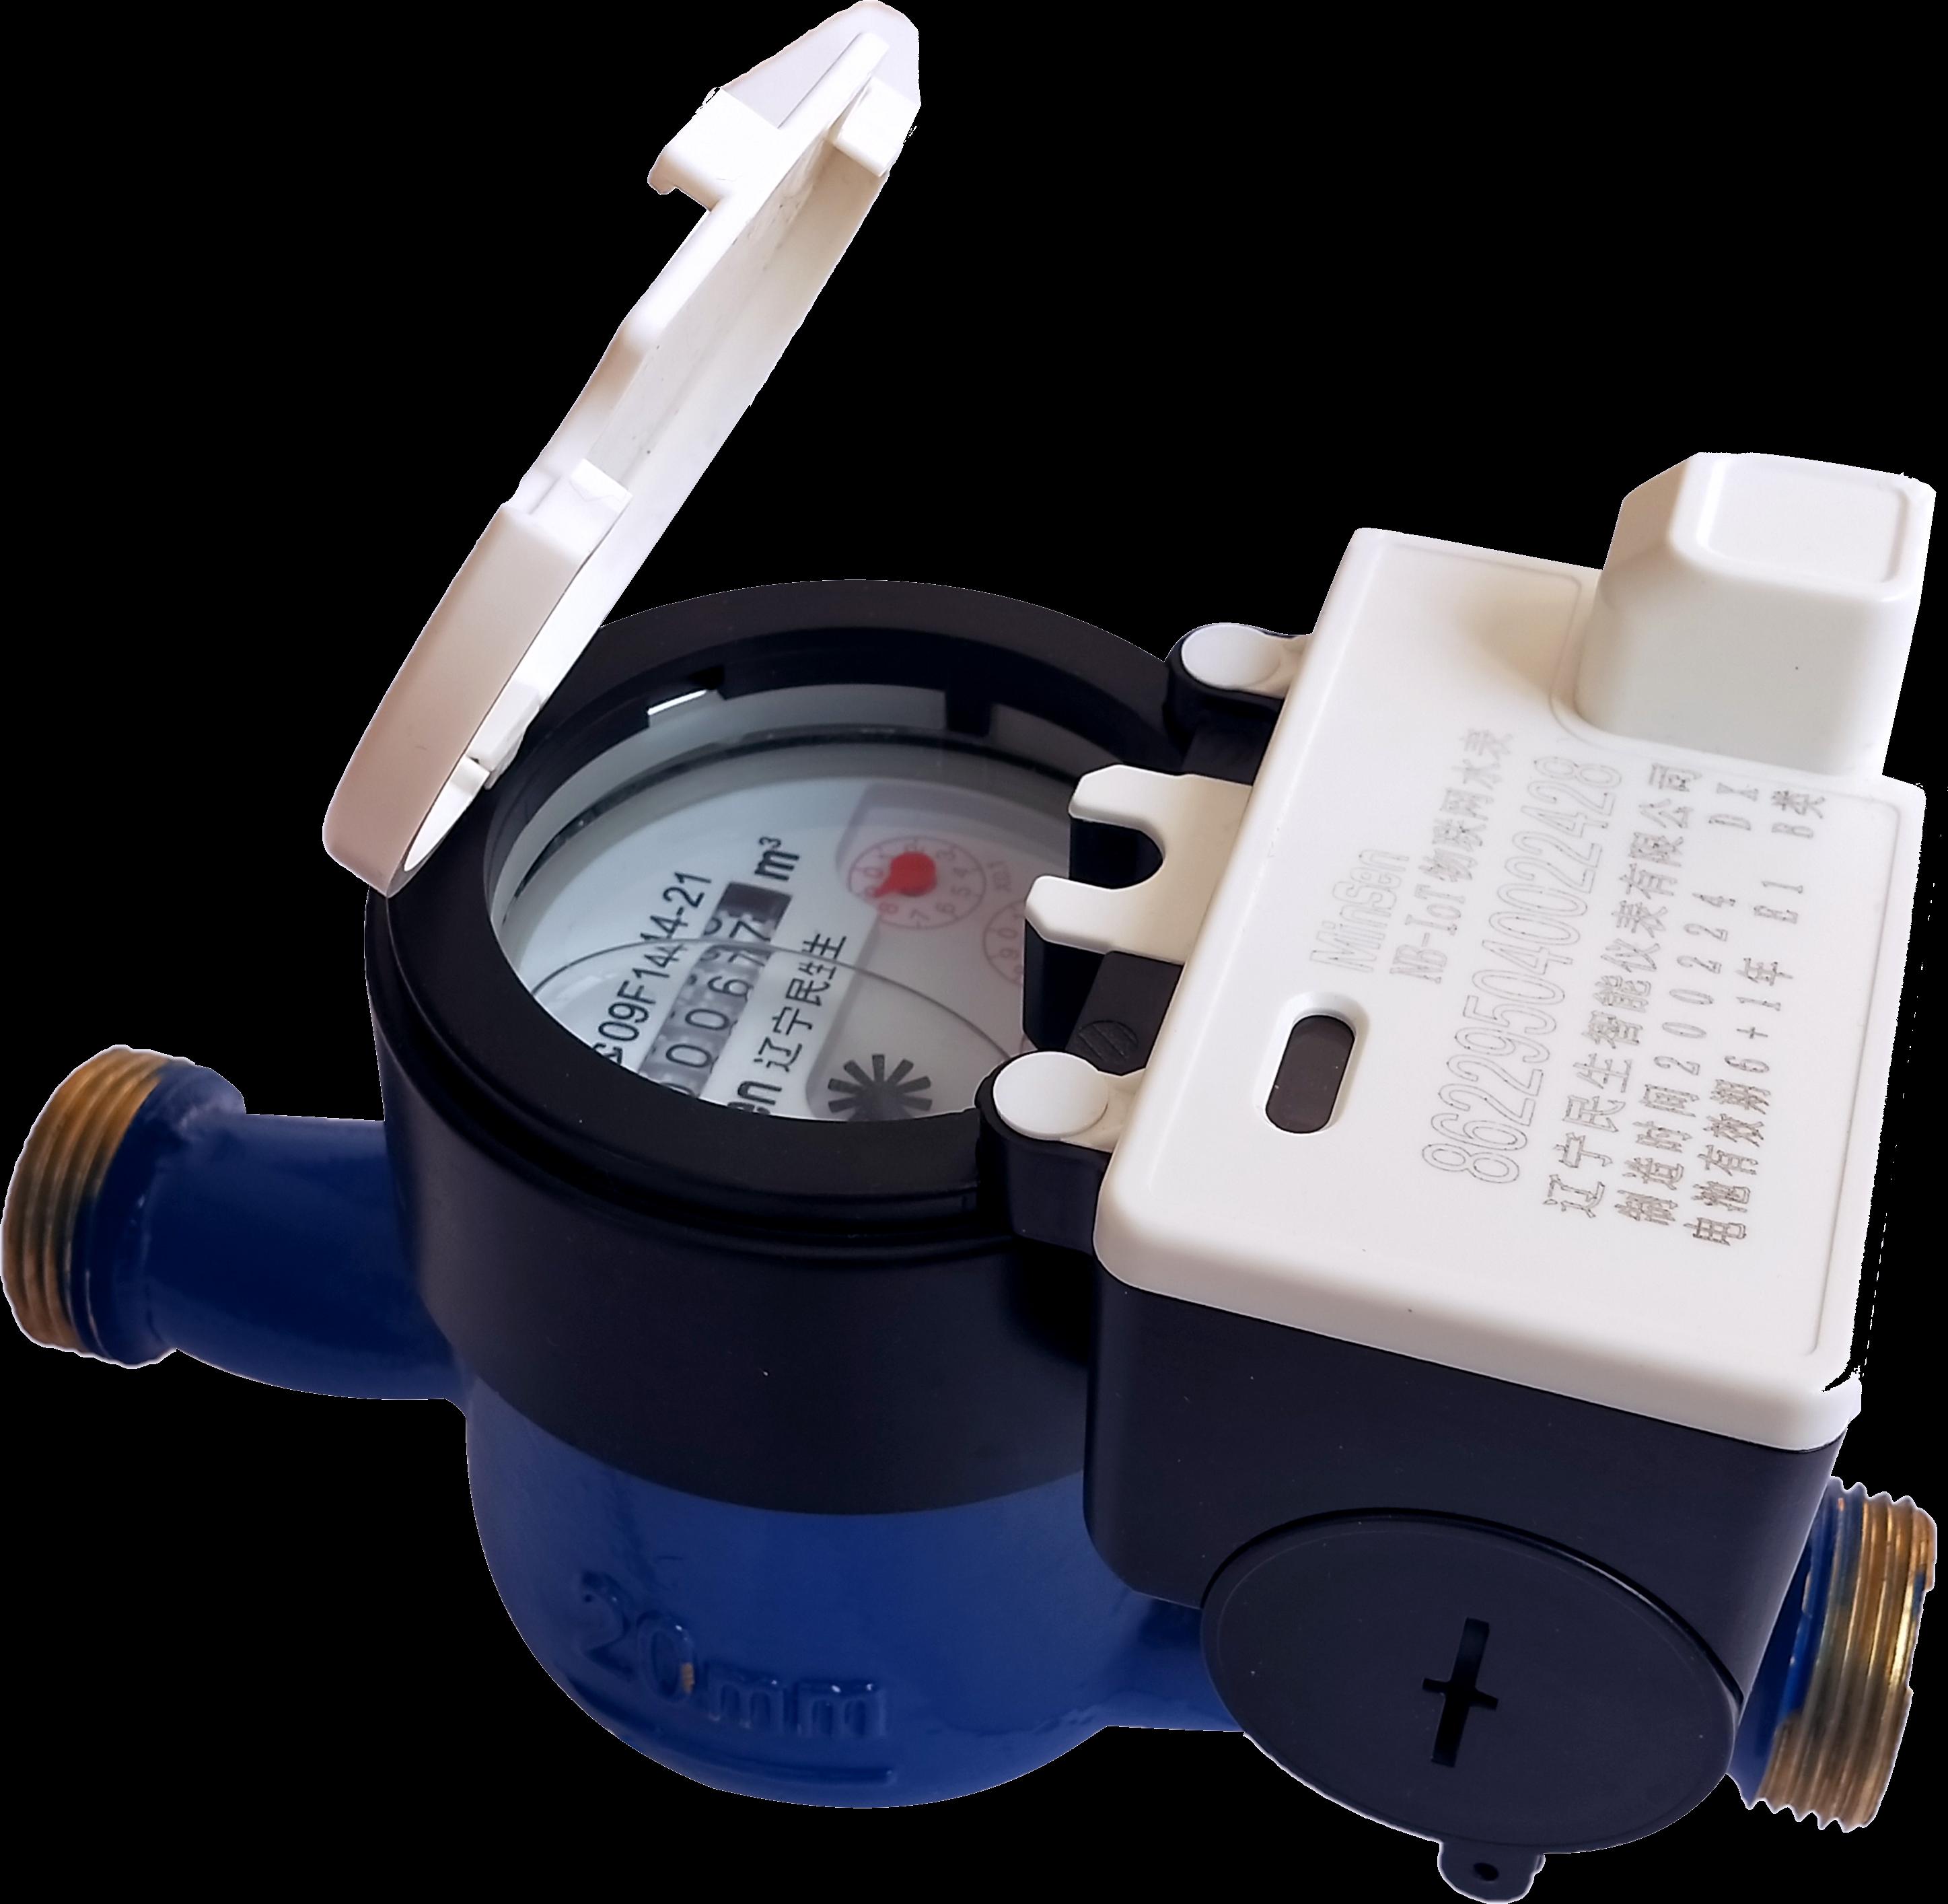 产品抠图-2智慧水务-分体式NB-IOT物联网水表1